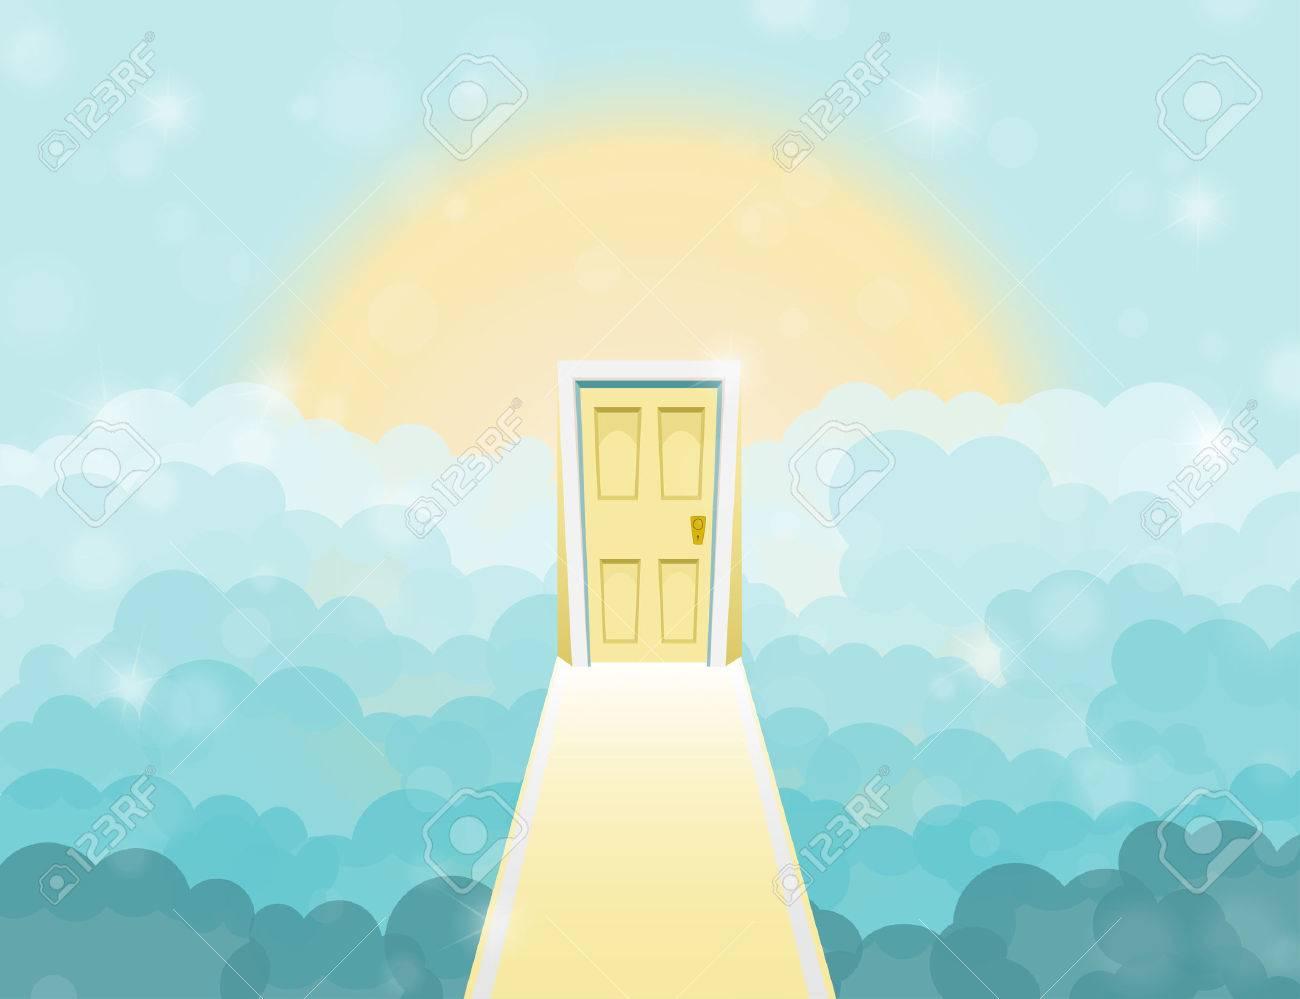 Cartoon door to heaven in the sky. Vector illustration - 57405854